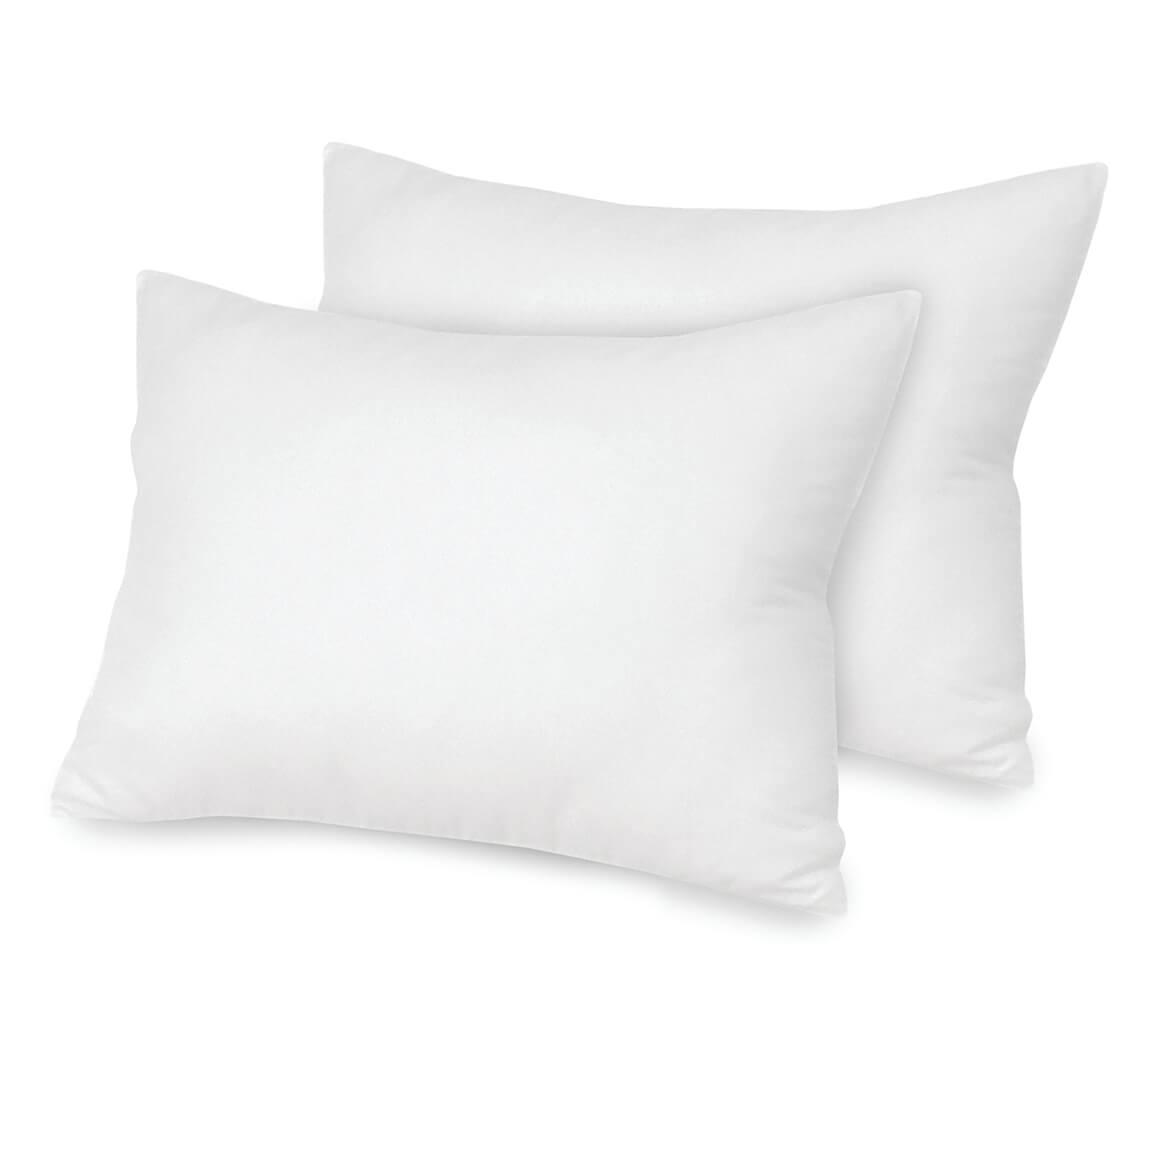 COOLMAX® Jumbo Pillows - Set of 2-350089